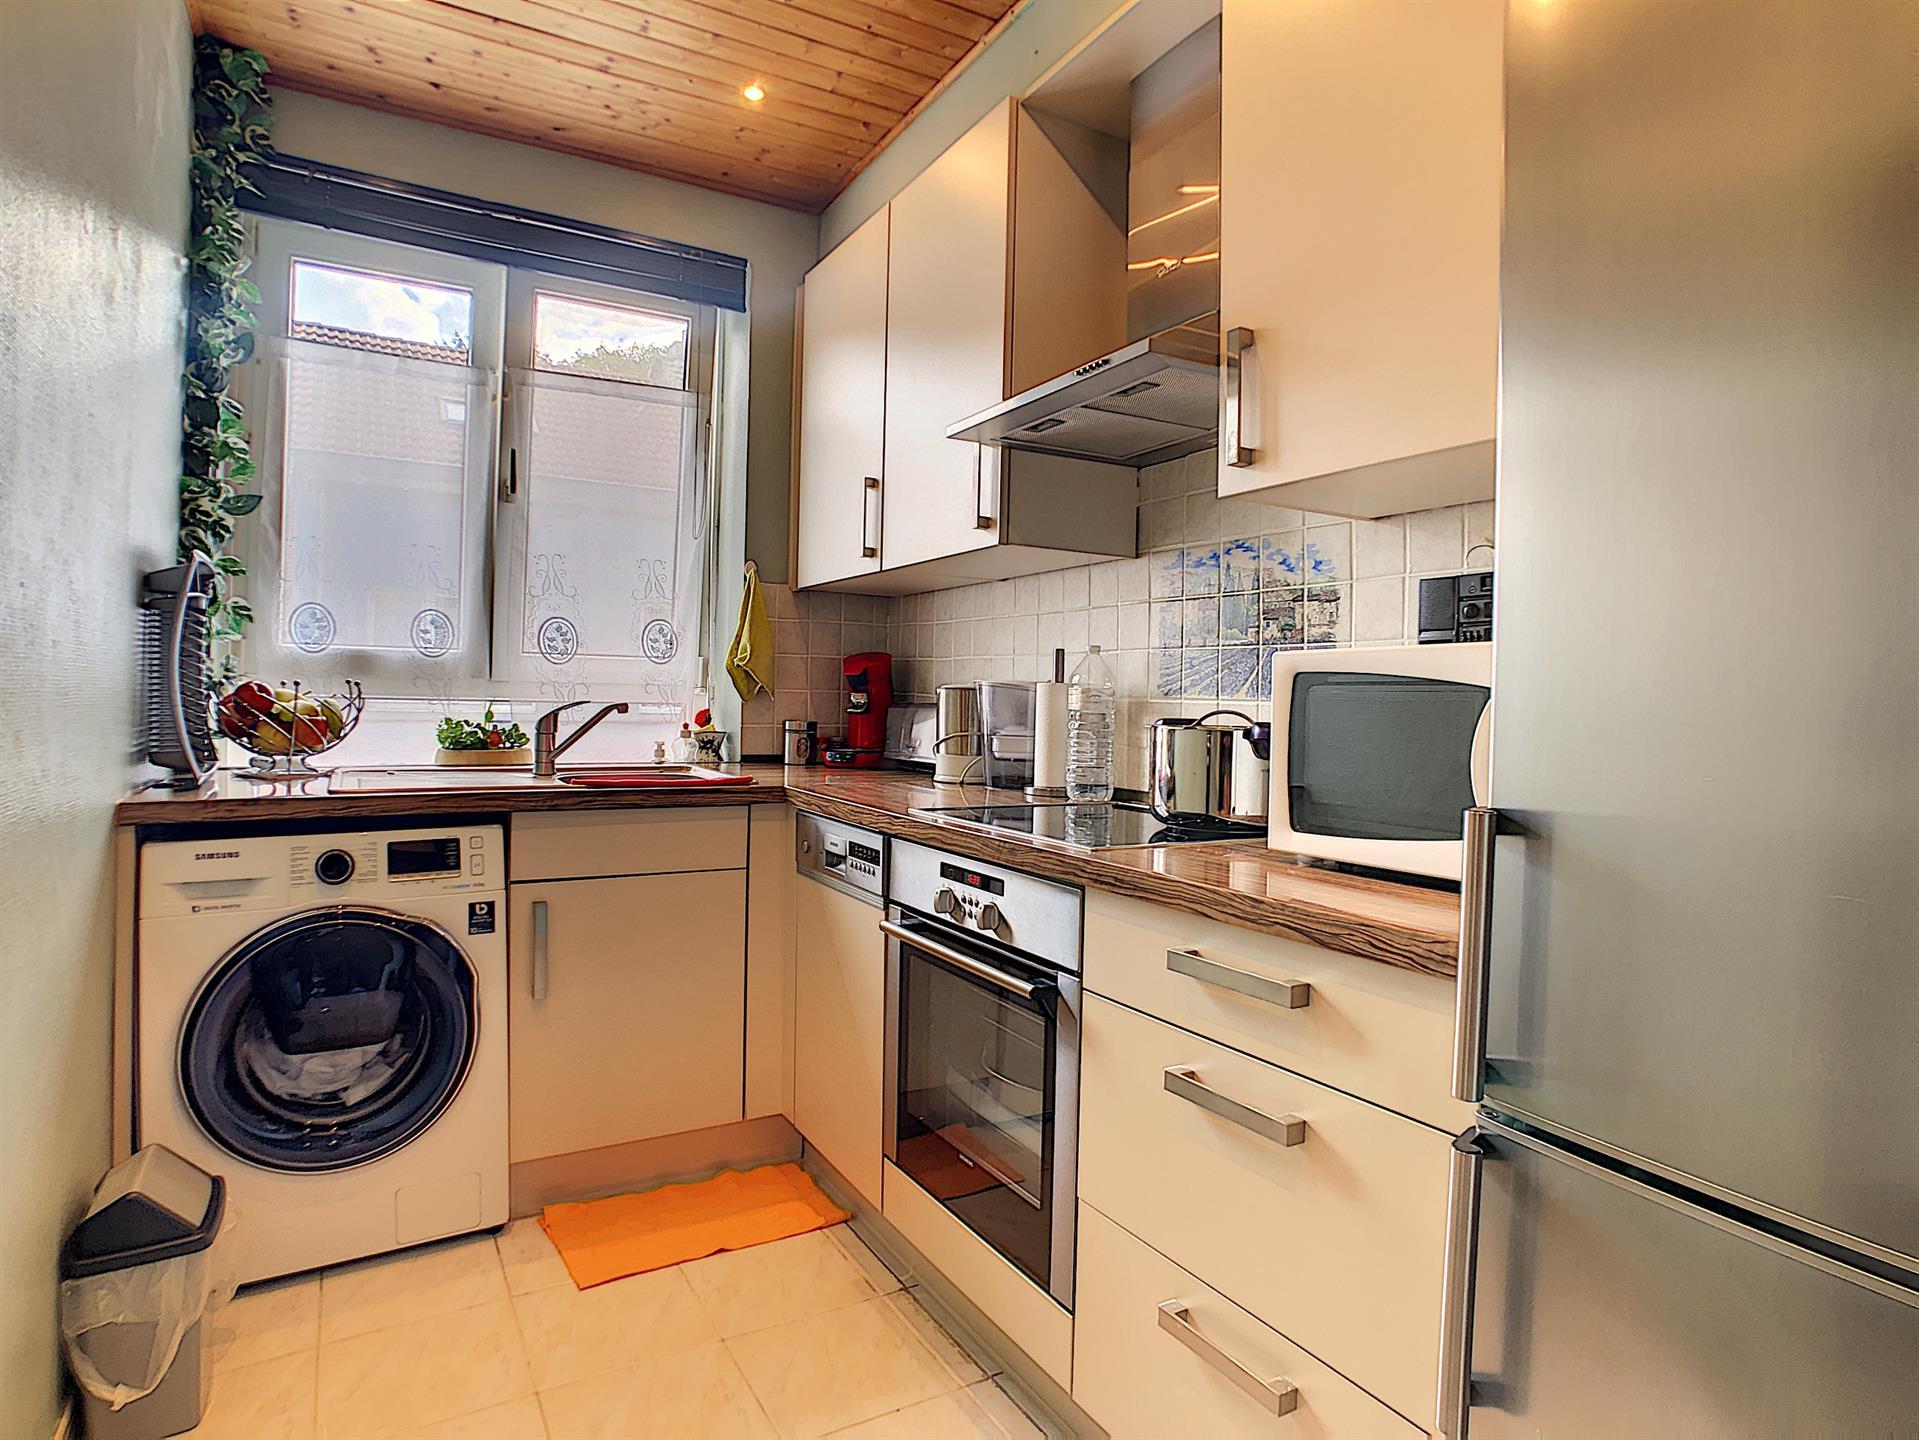 Appartement - Berchem-Sainte-Agathe - #4143753-3